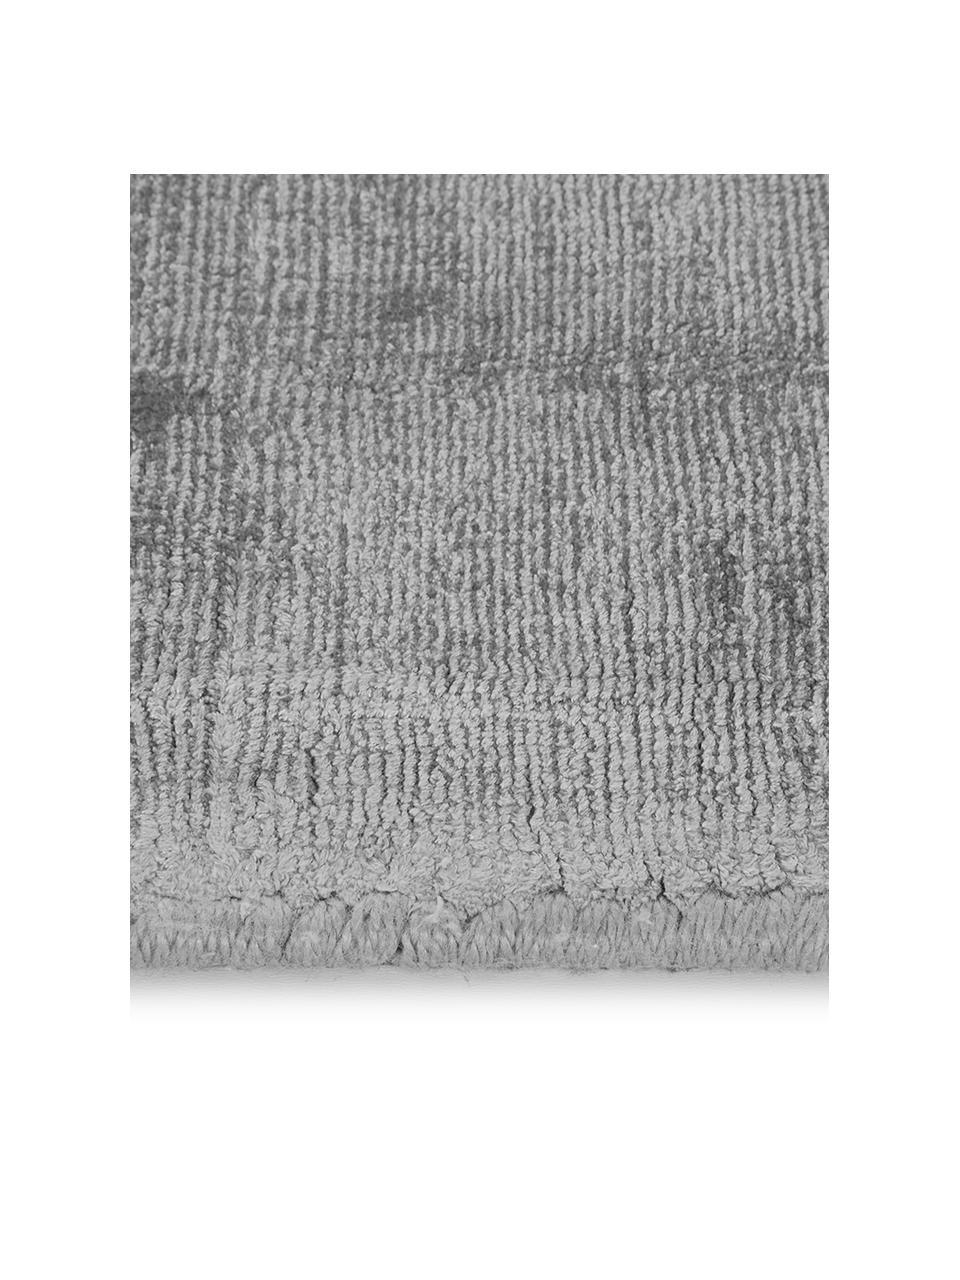 Tappeto in viscosa color grigio tessuto a mano Jane, Retro: 100% cotone, Grigio, Larg. 300 x Lung. 400 (taglia XL)